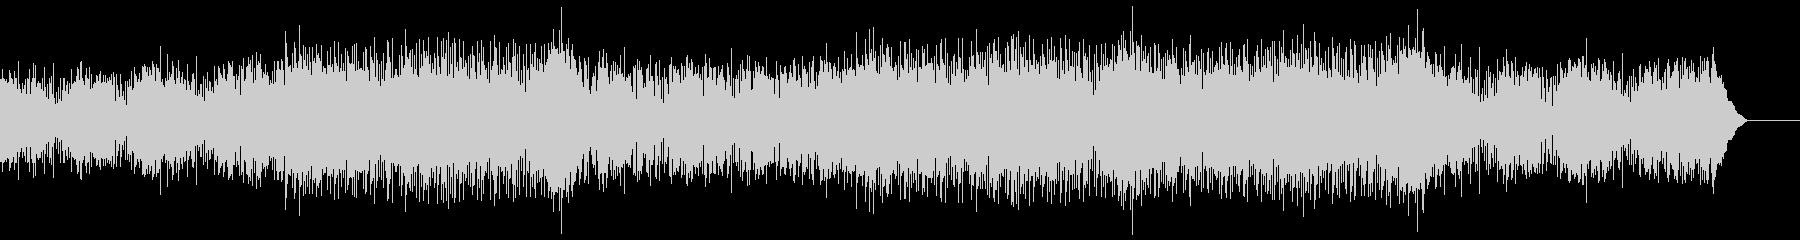 おしゃれな映像に穏やかなバーBGMジャズの未再生の波形